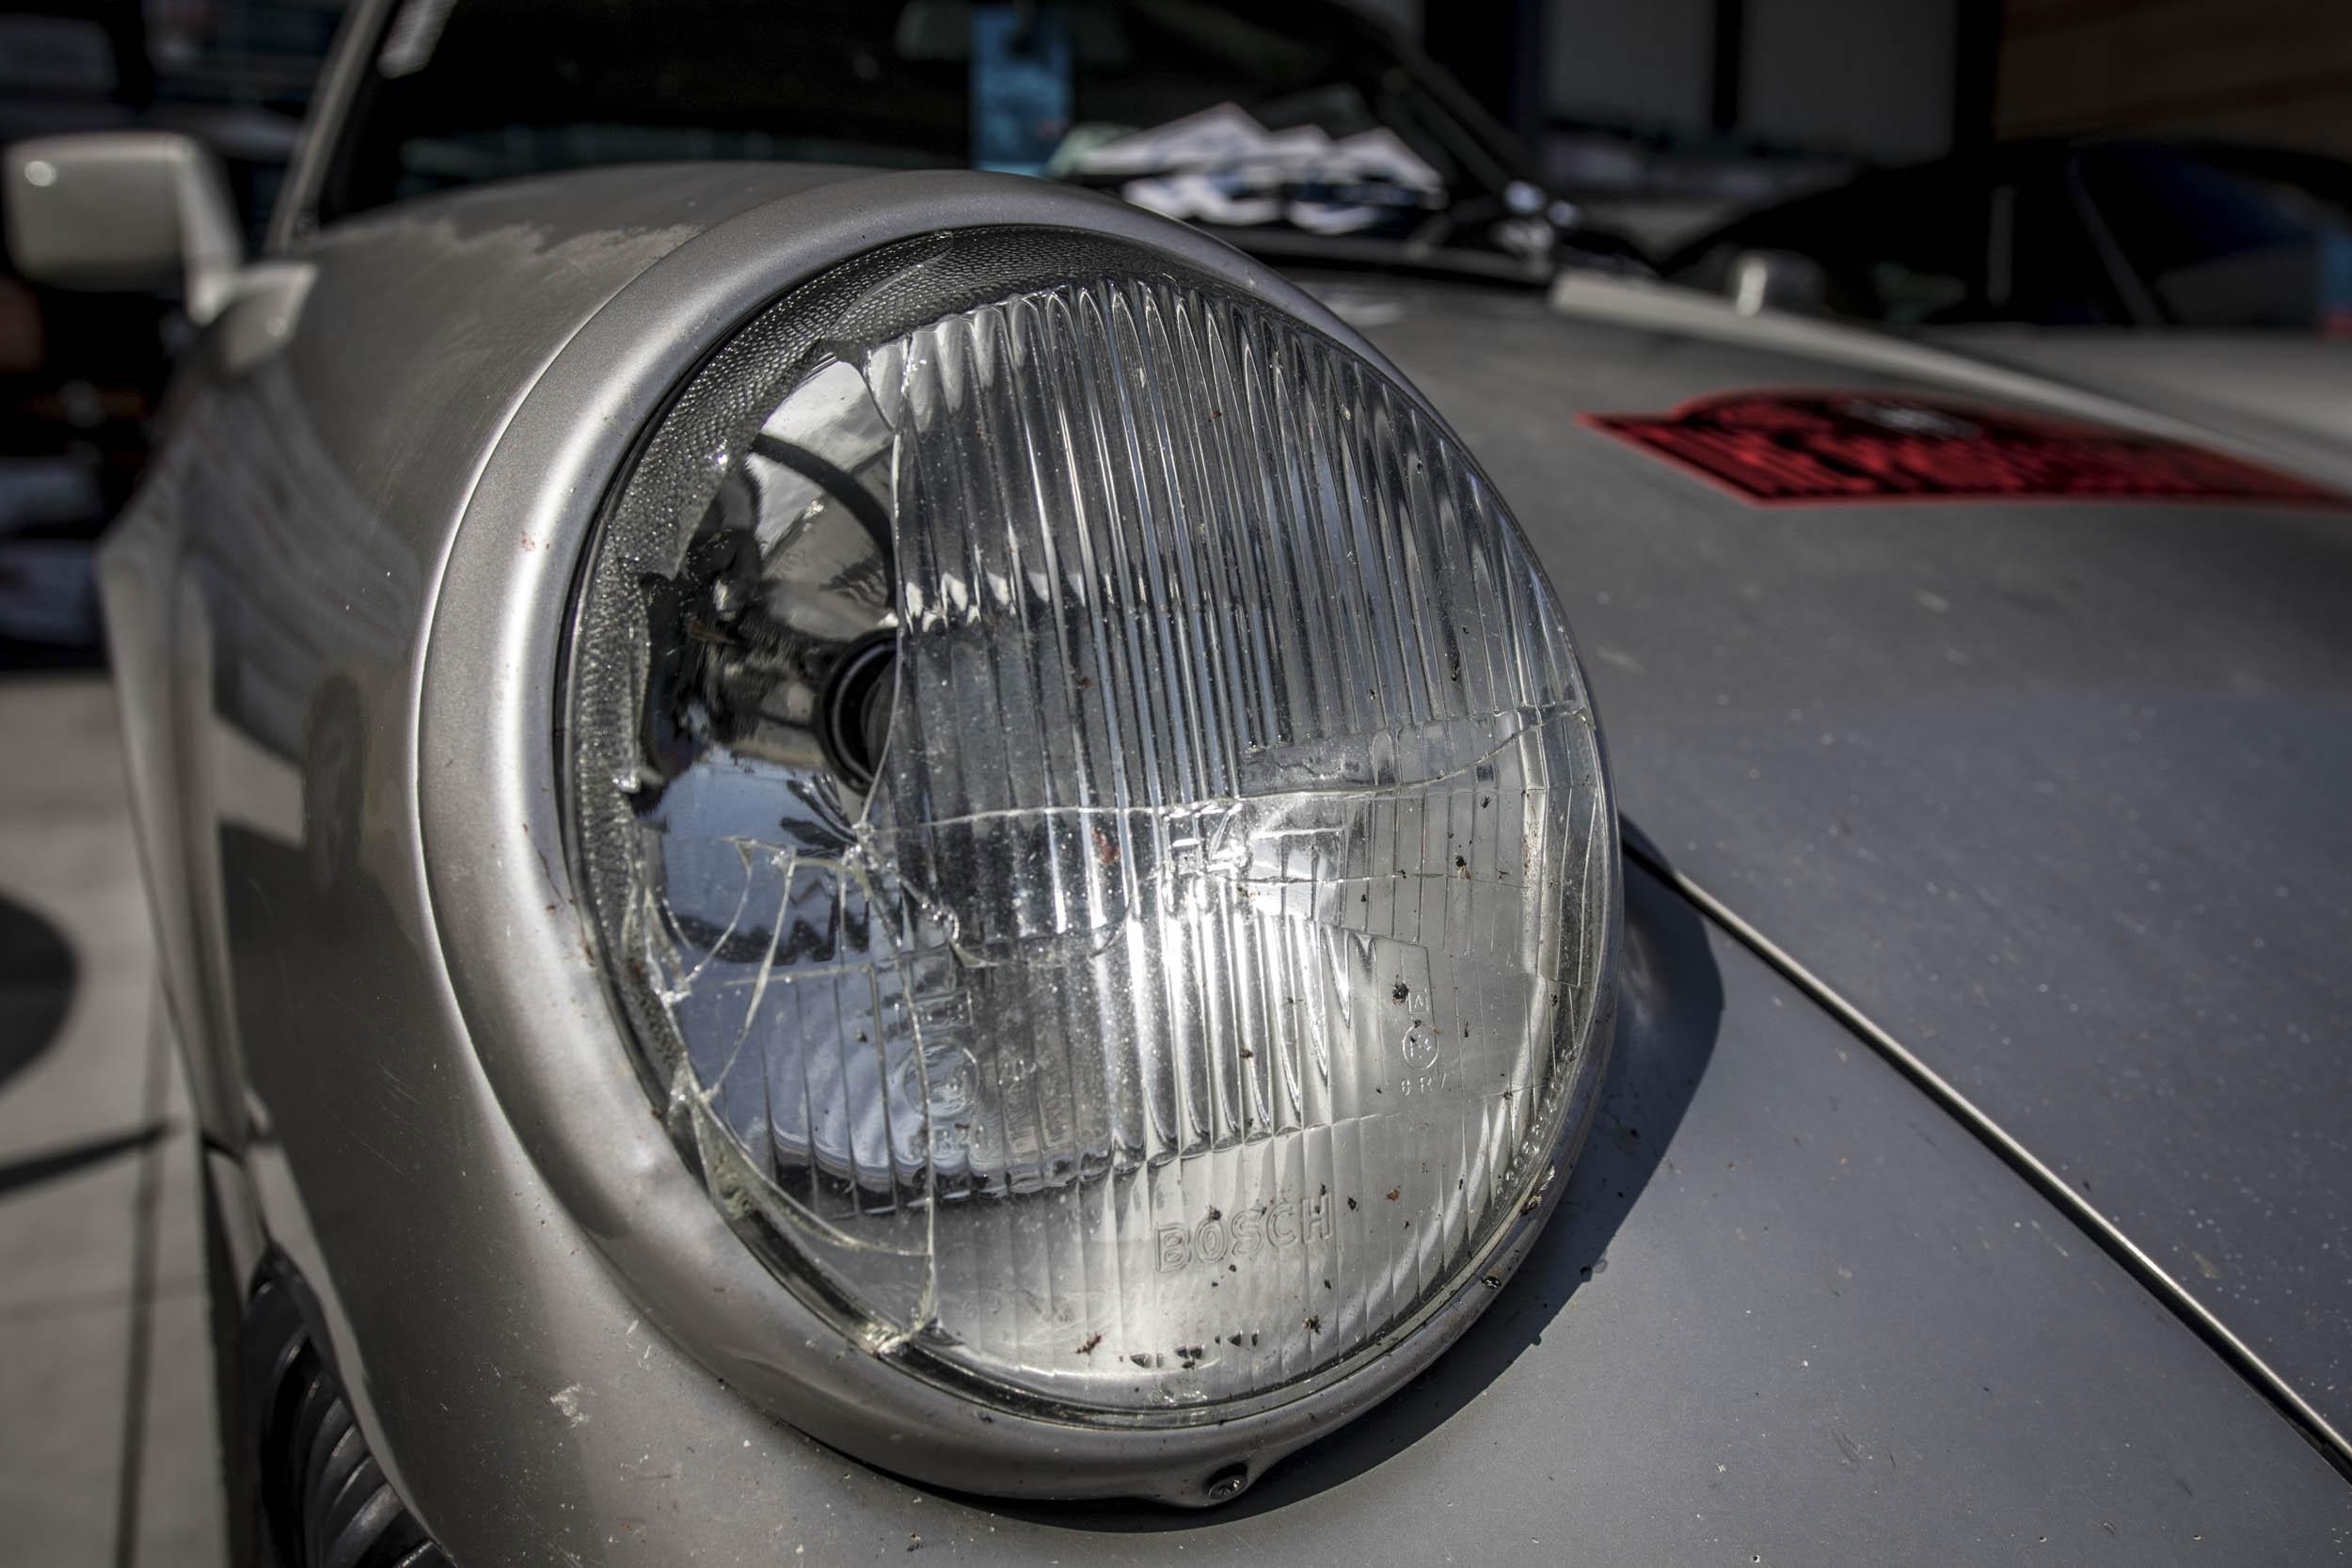 Broken 911 headlight